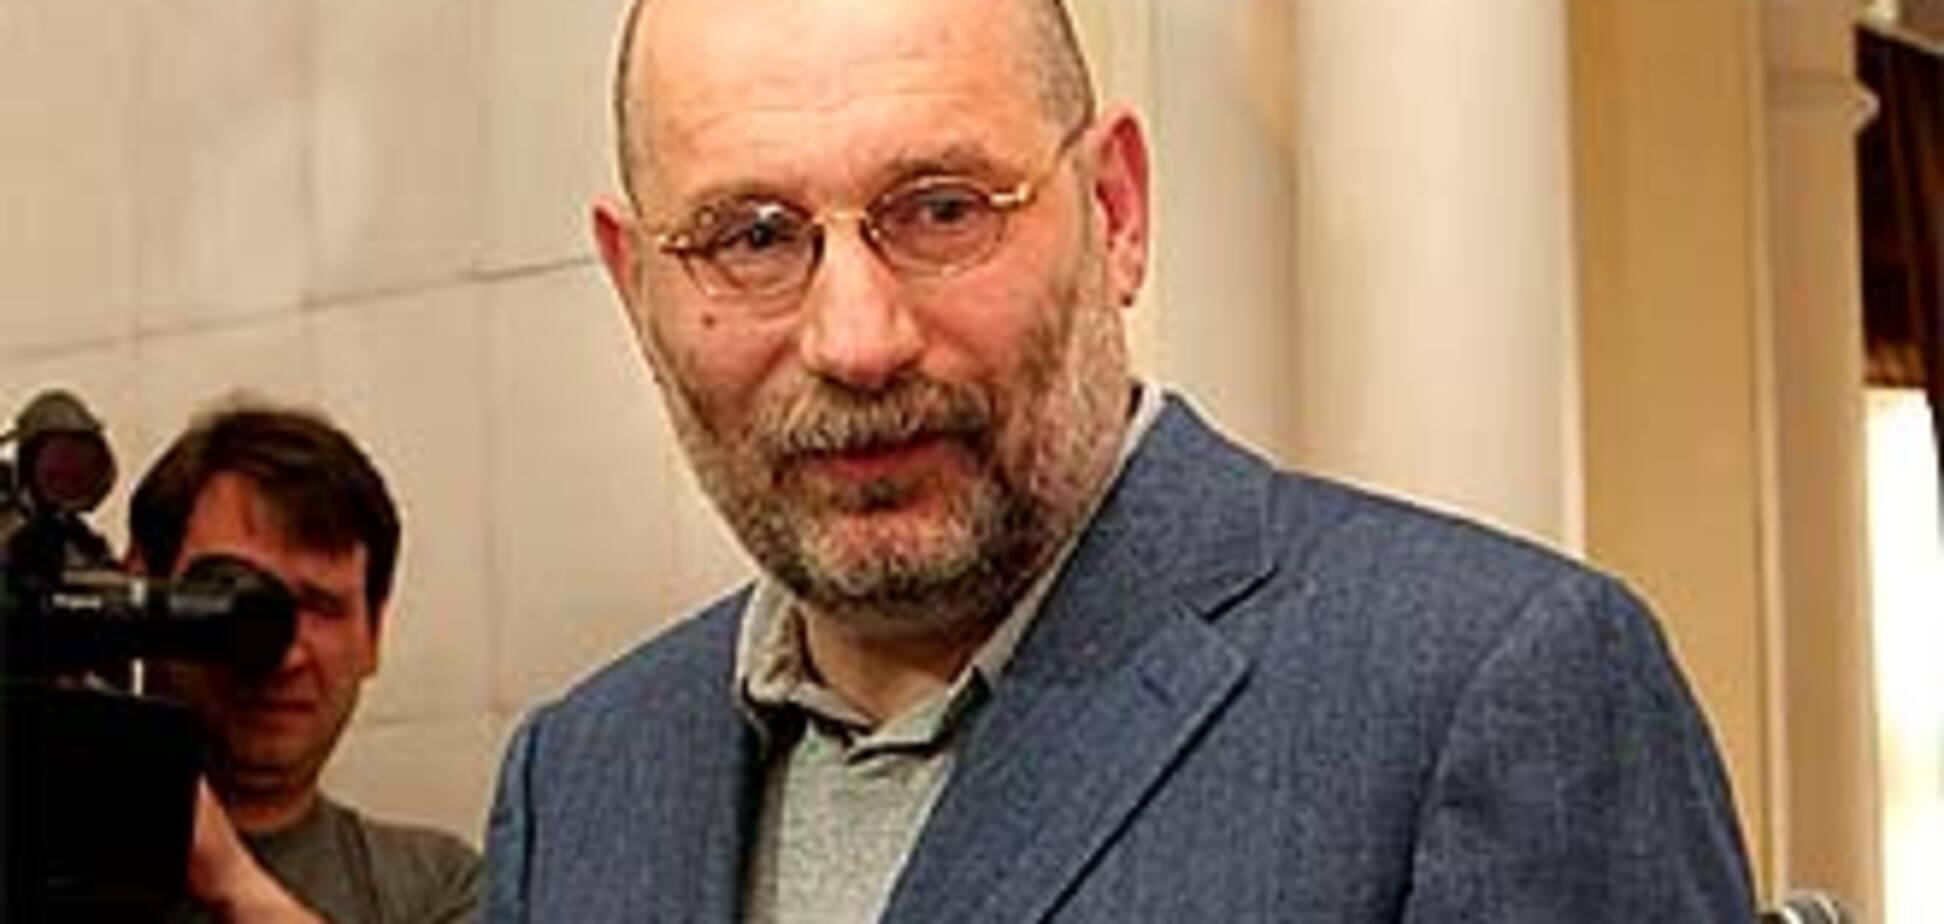 Борис Акунін представив роман-гру 'Квест'